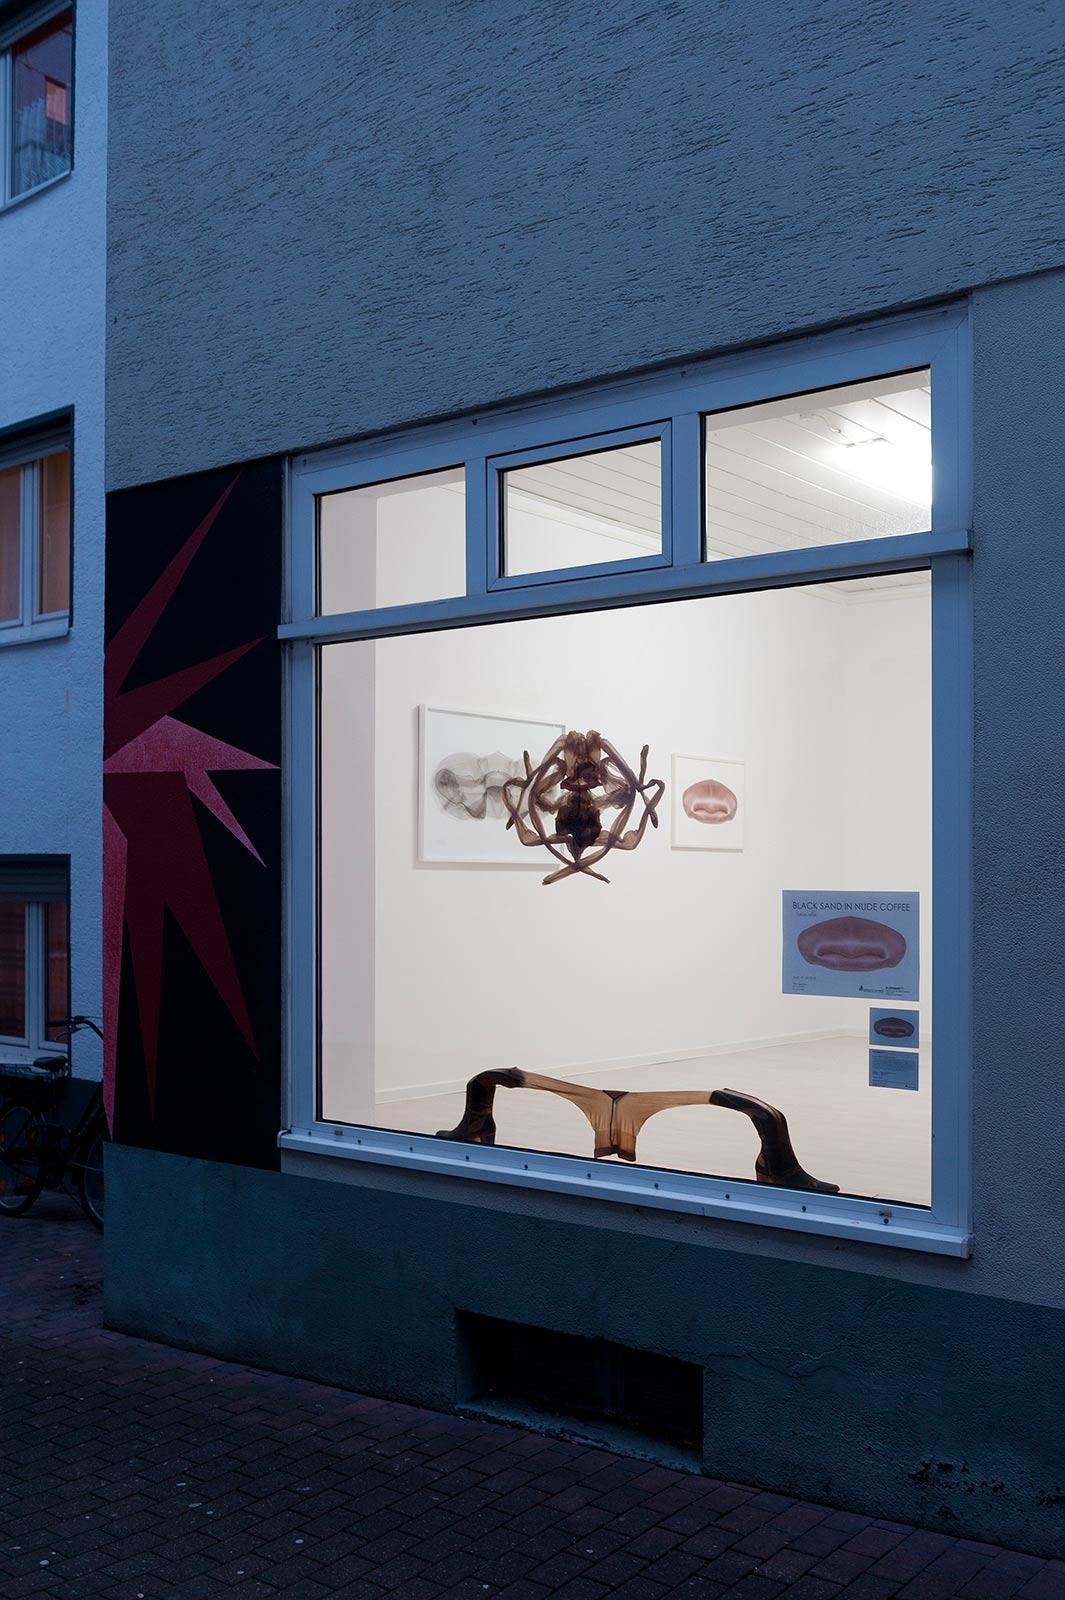 Aussenansicht der KleppArt in Paderborn bei Abenddämmerung